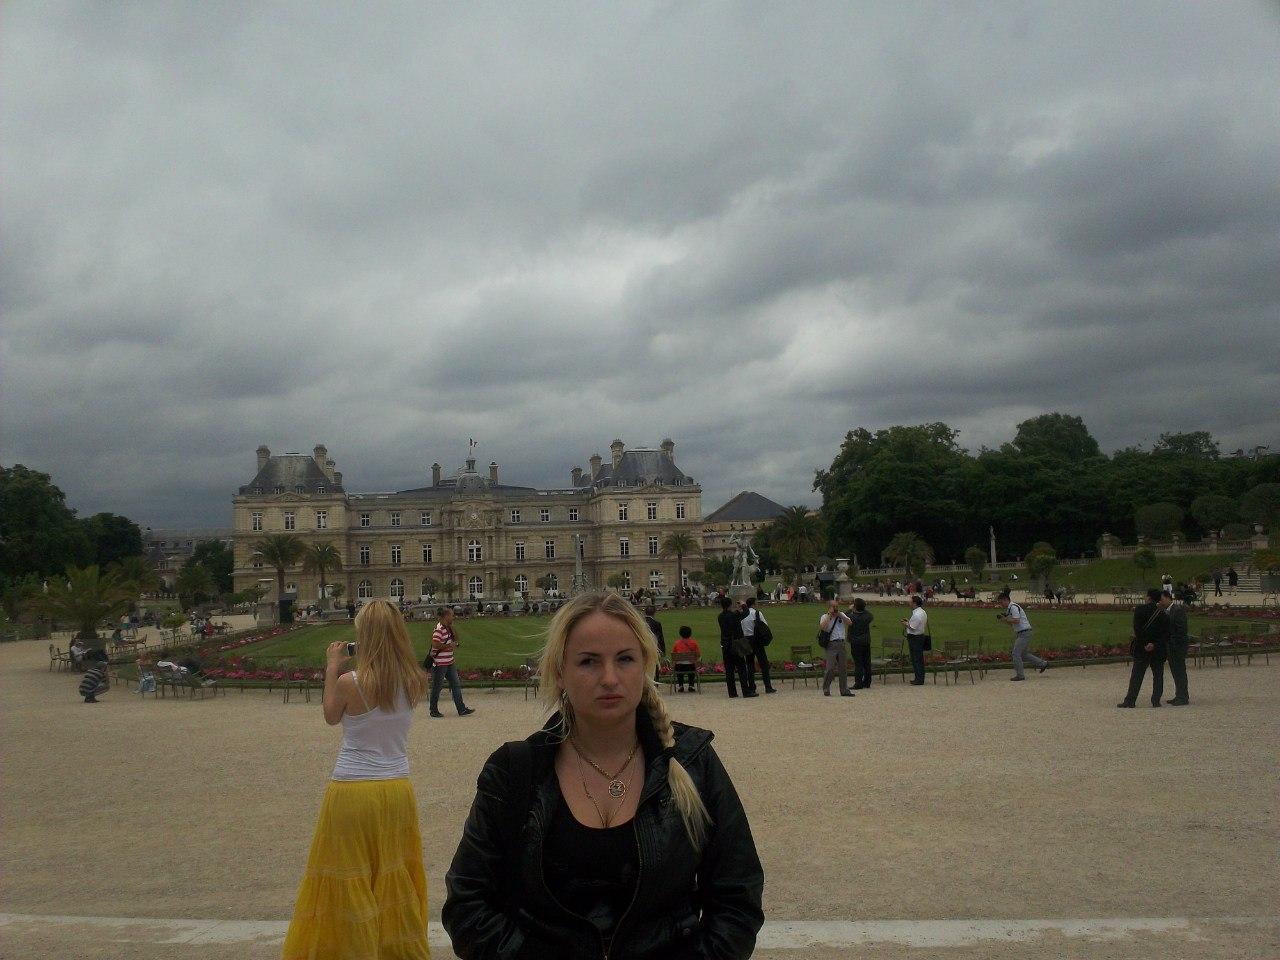 Елена Руденко. Франция. Париж. 2013 г. июнь. 0xEDwe3s_ag